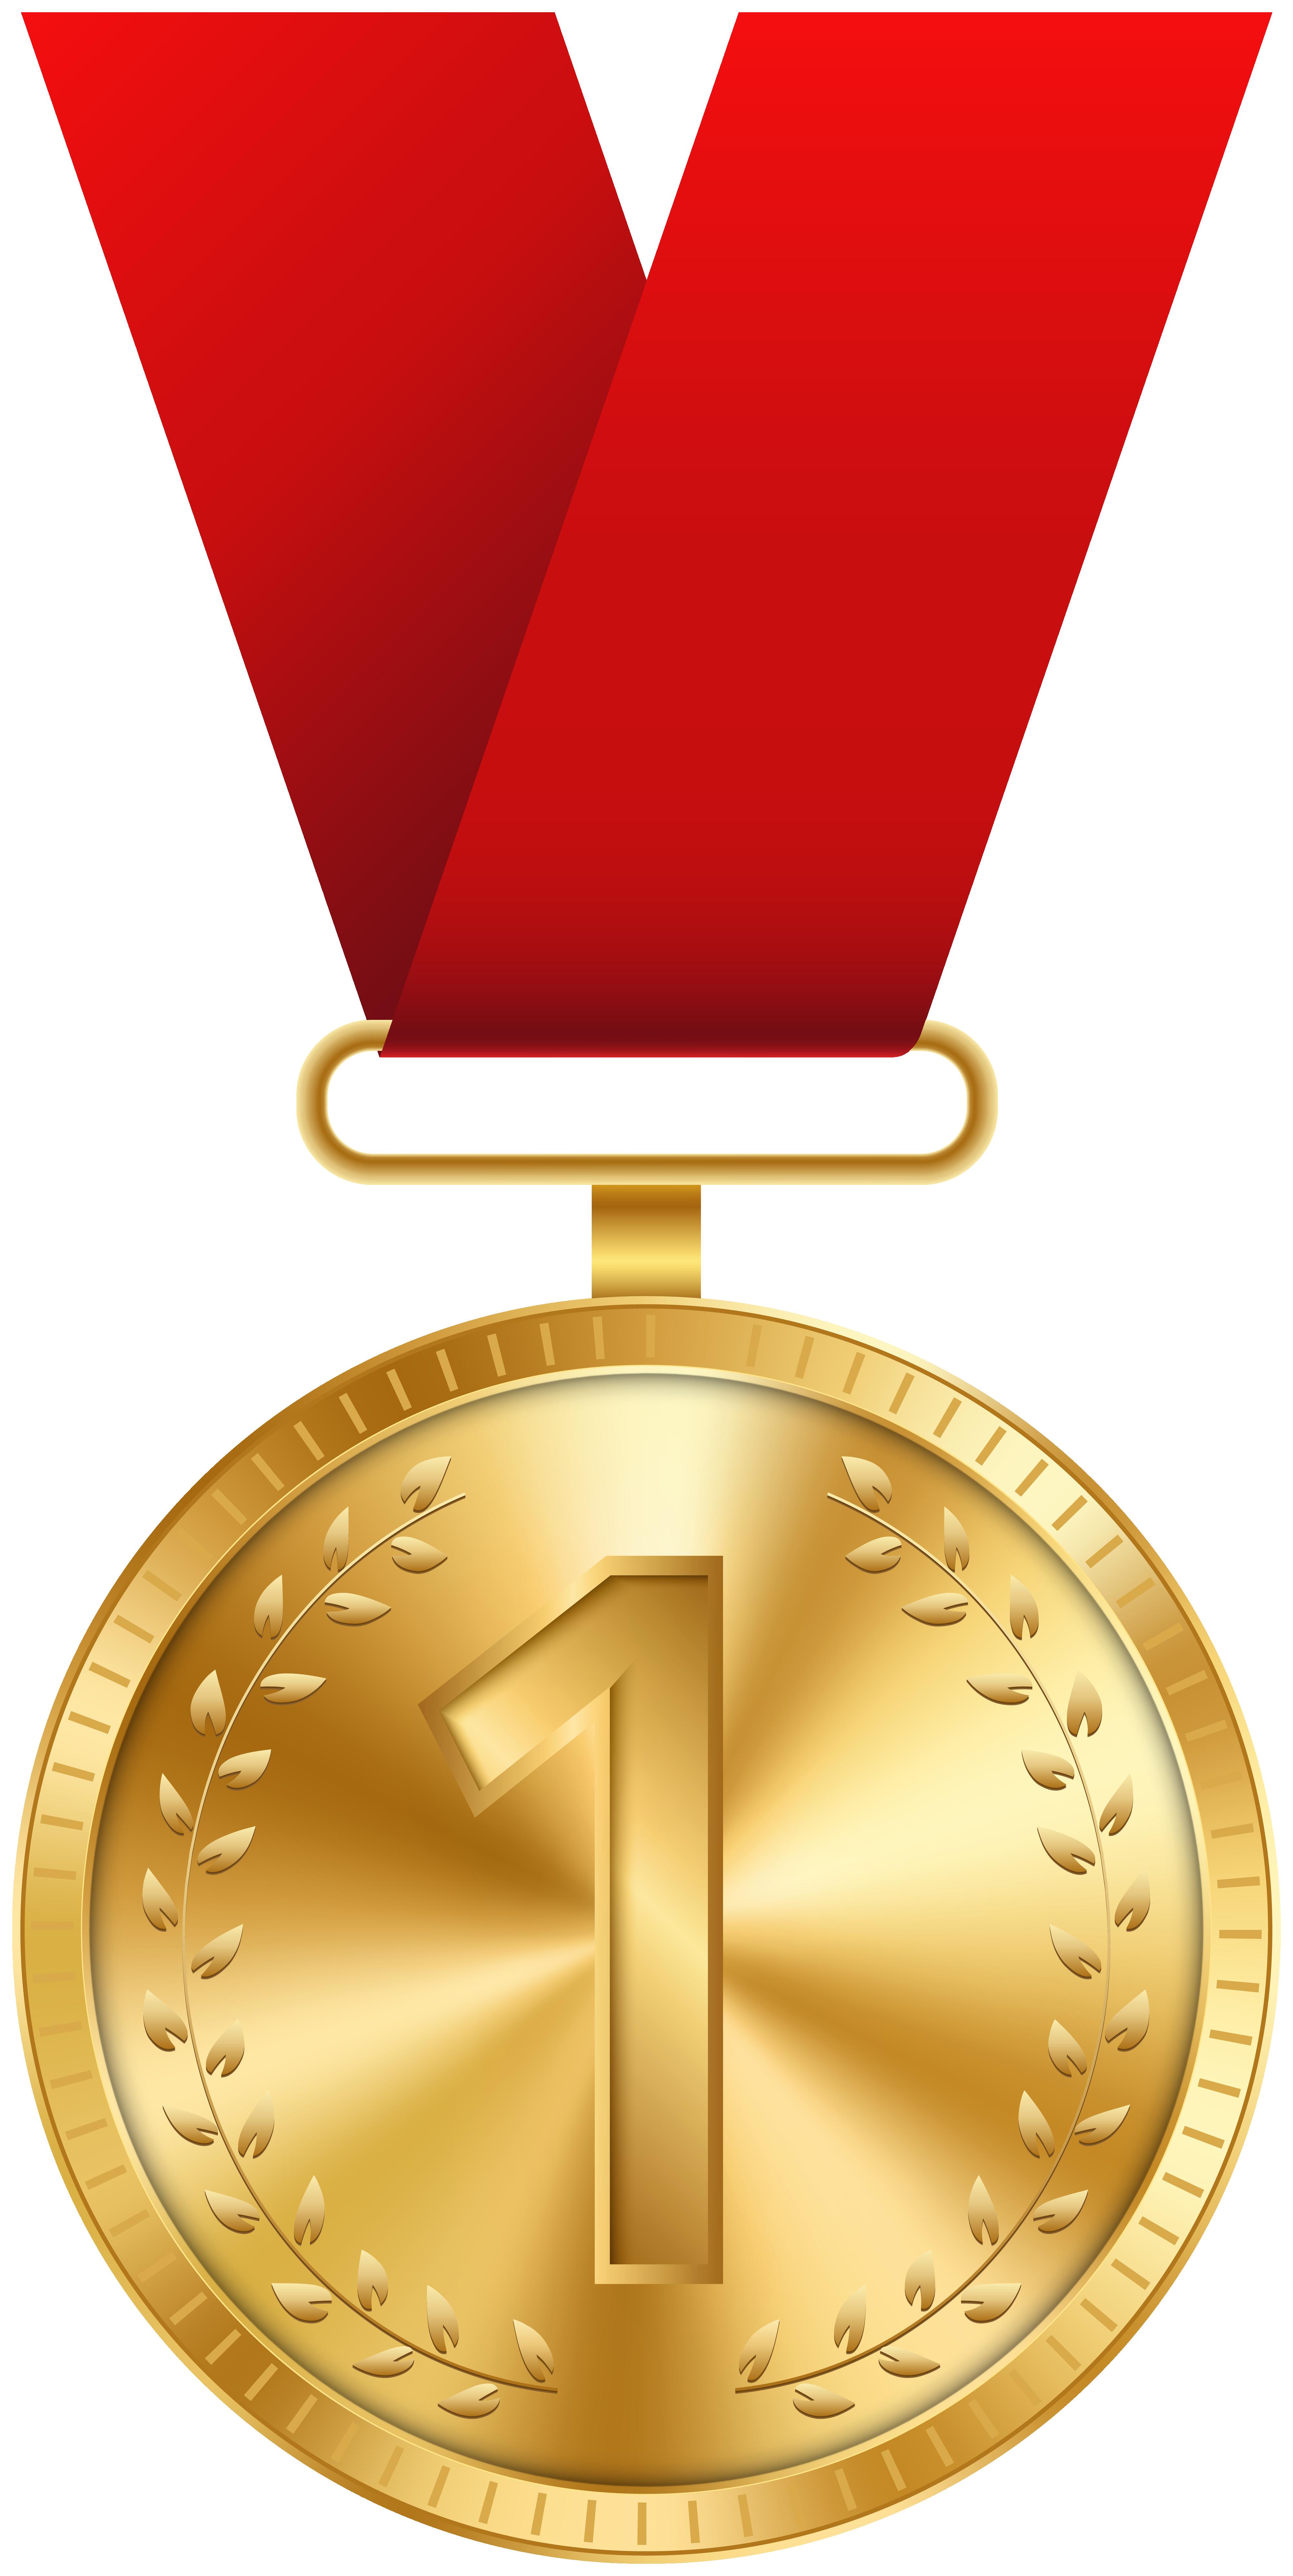 Gold Medal PNG Clip Art Image.